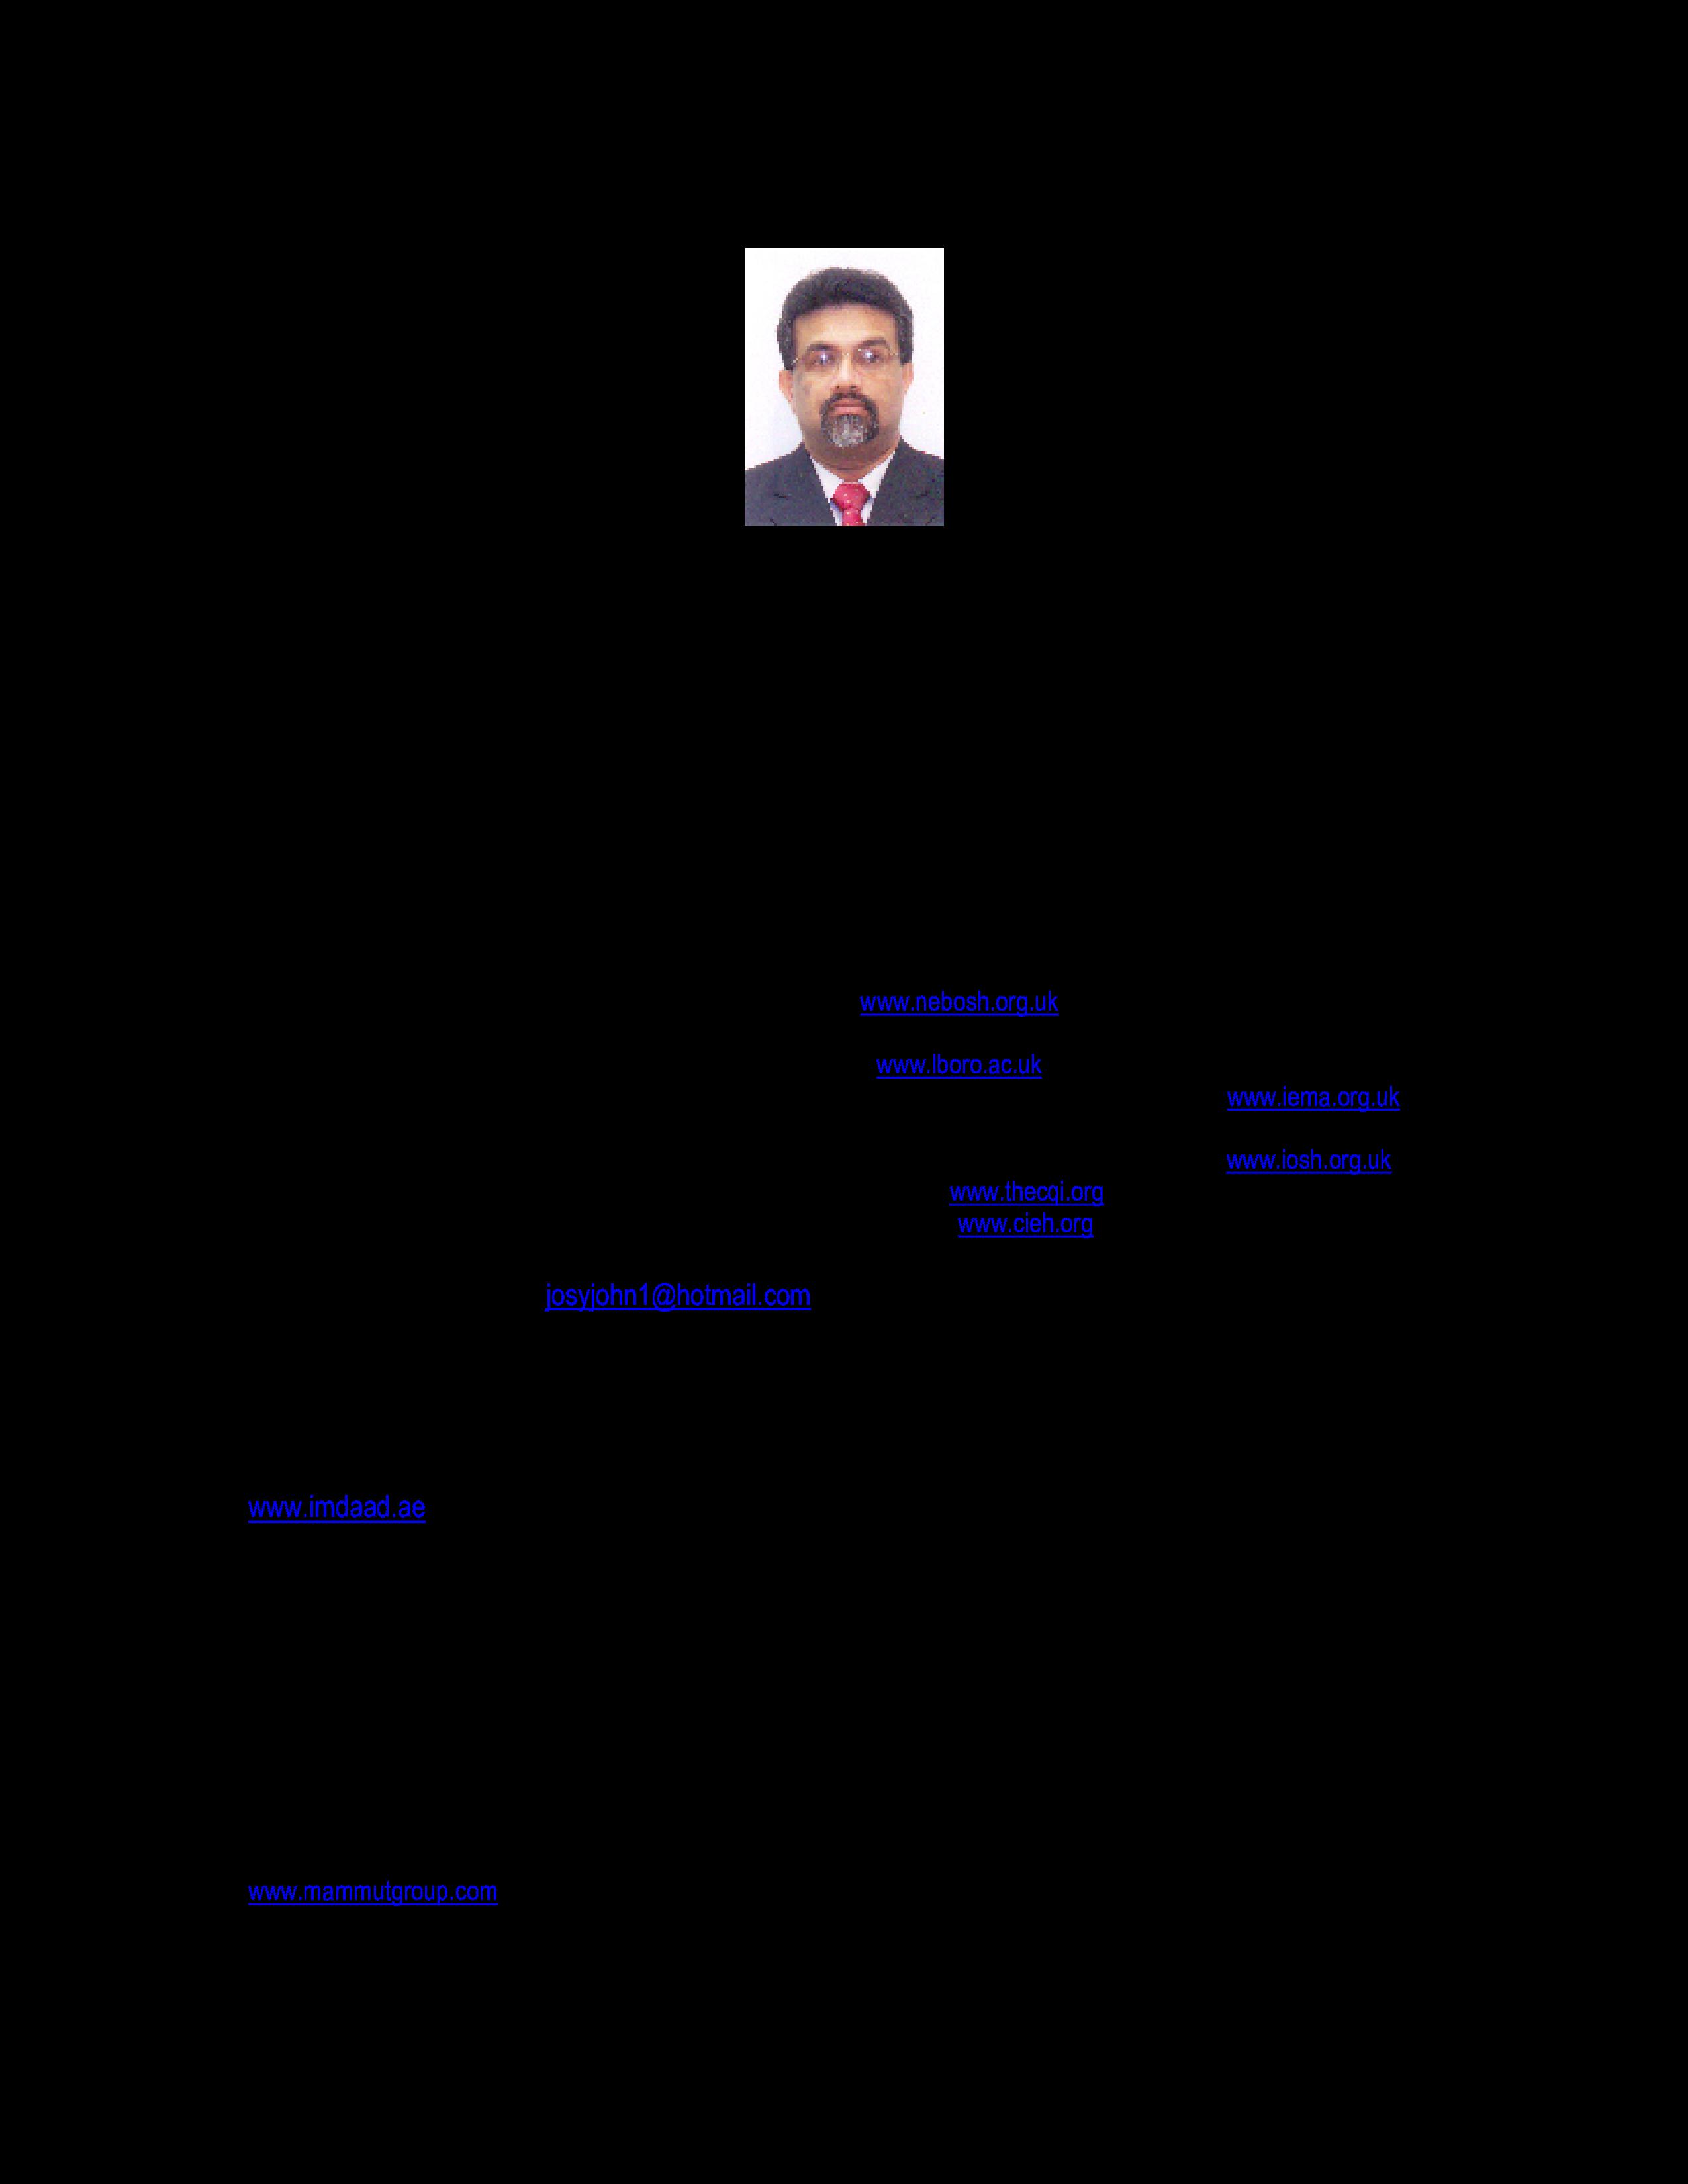 Civil Engineer Cv Sample Best Resume Examples